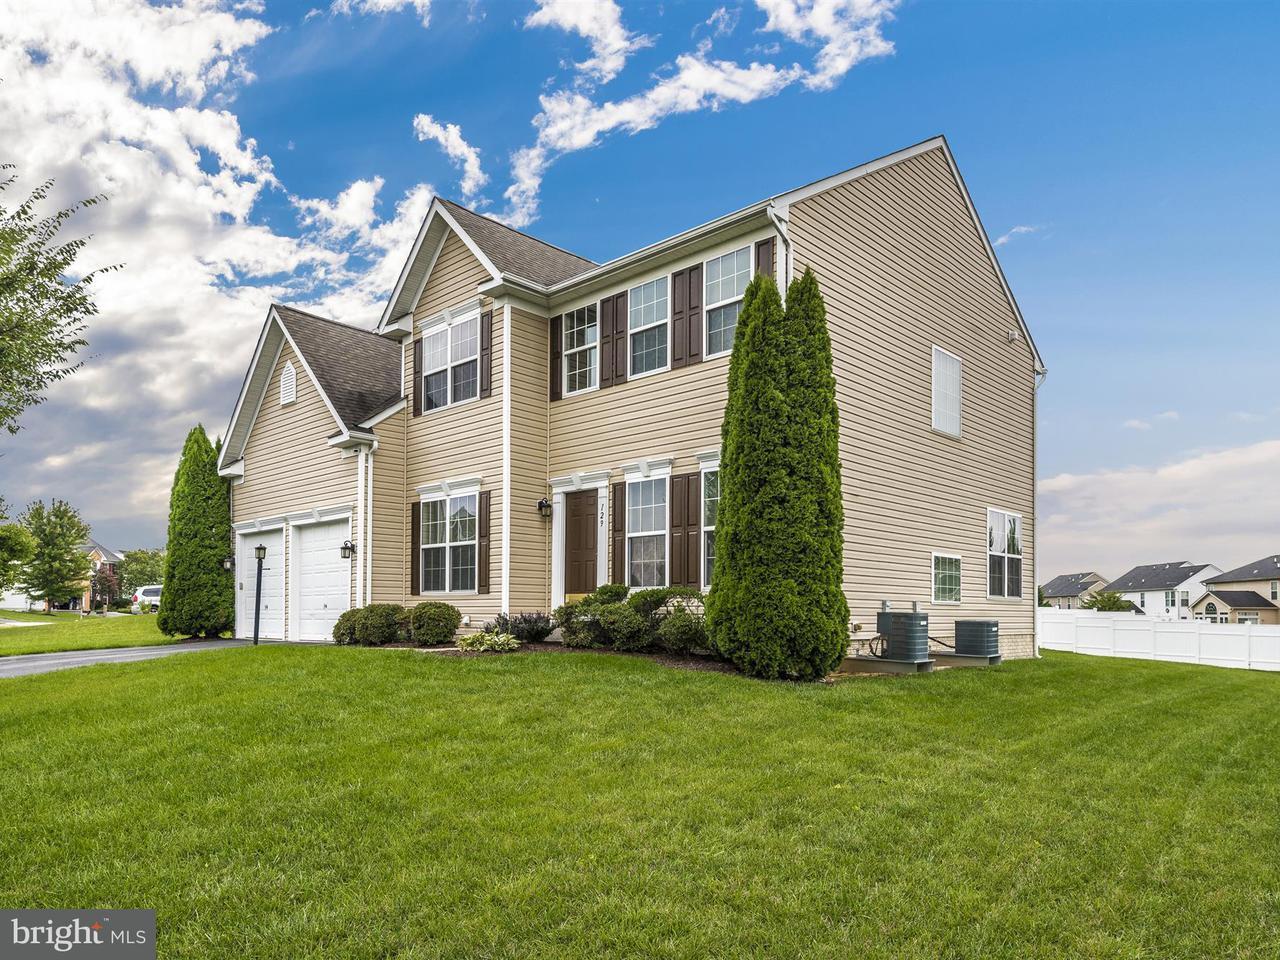 Maison unifamiliale pour l Vente à 129 Capricorn Road 129 Capricorn Road Walkersville, Maryland 21793 États-Unis